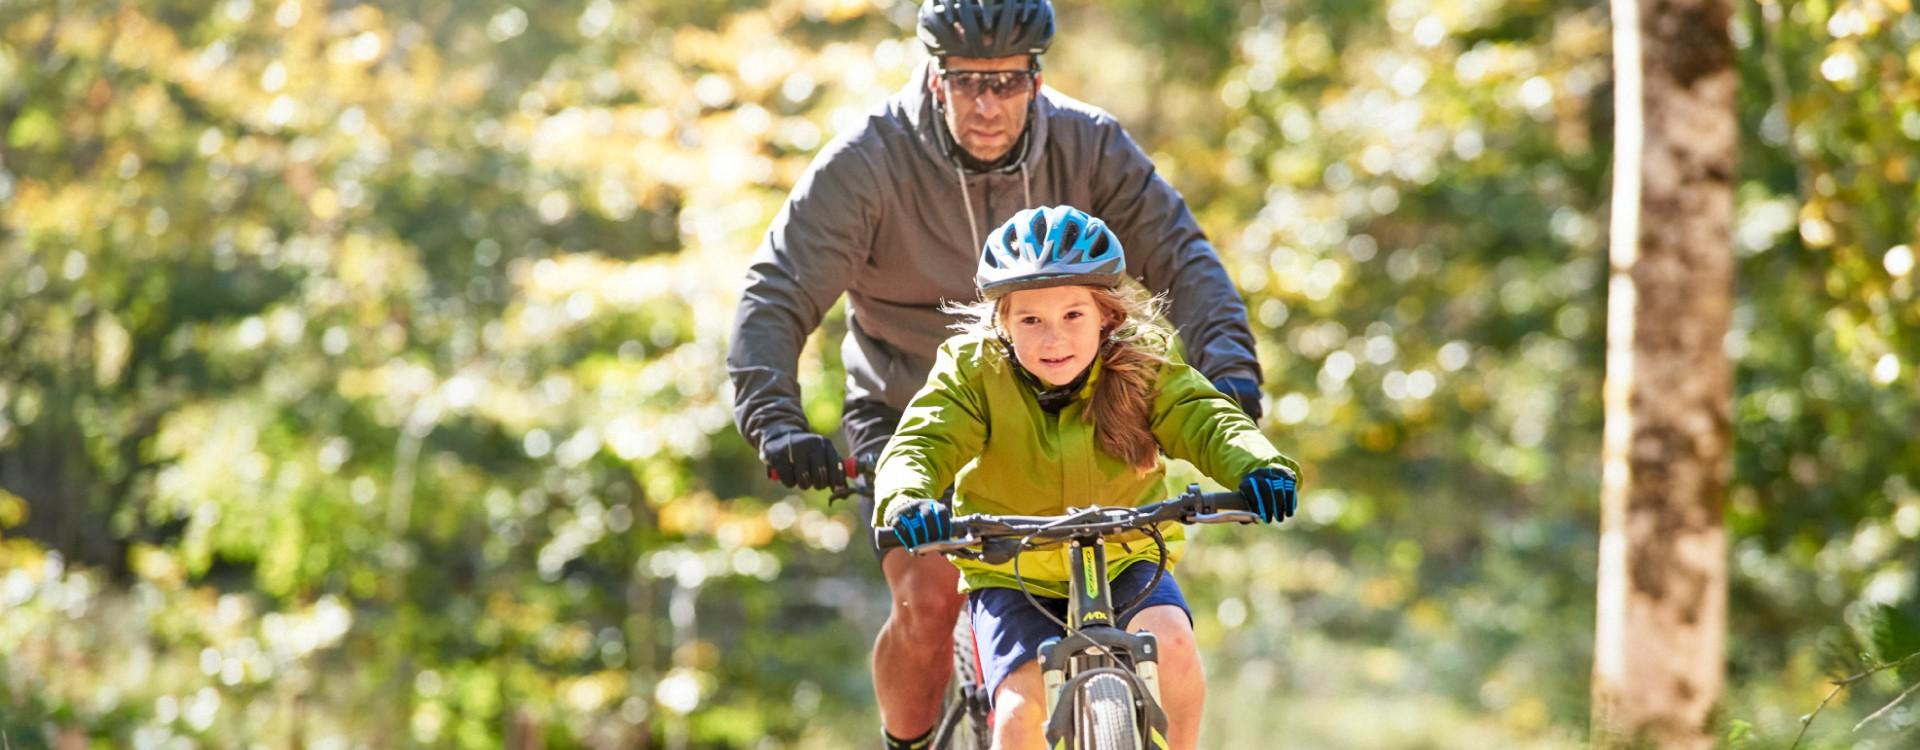 Bicicletas infantiles, como elegir la bici correcta y las ventajas de comprar una BH, Megamo, Monty...